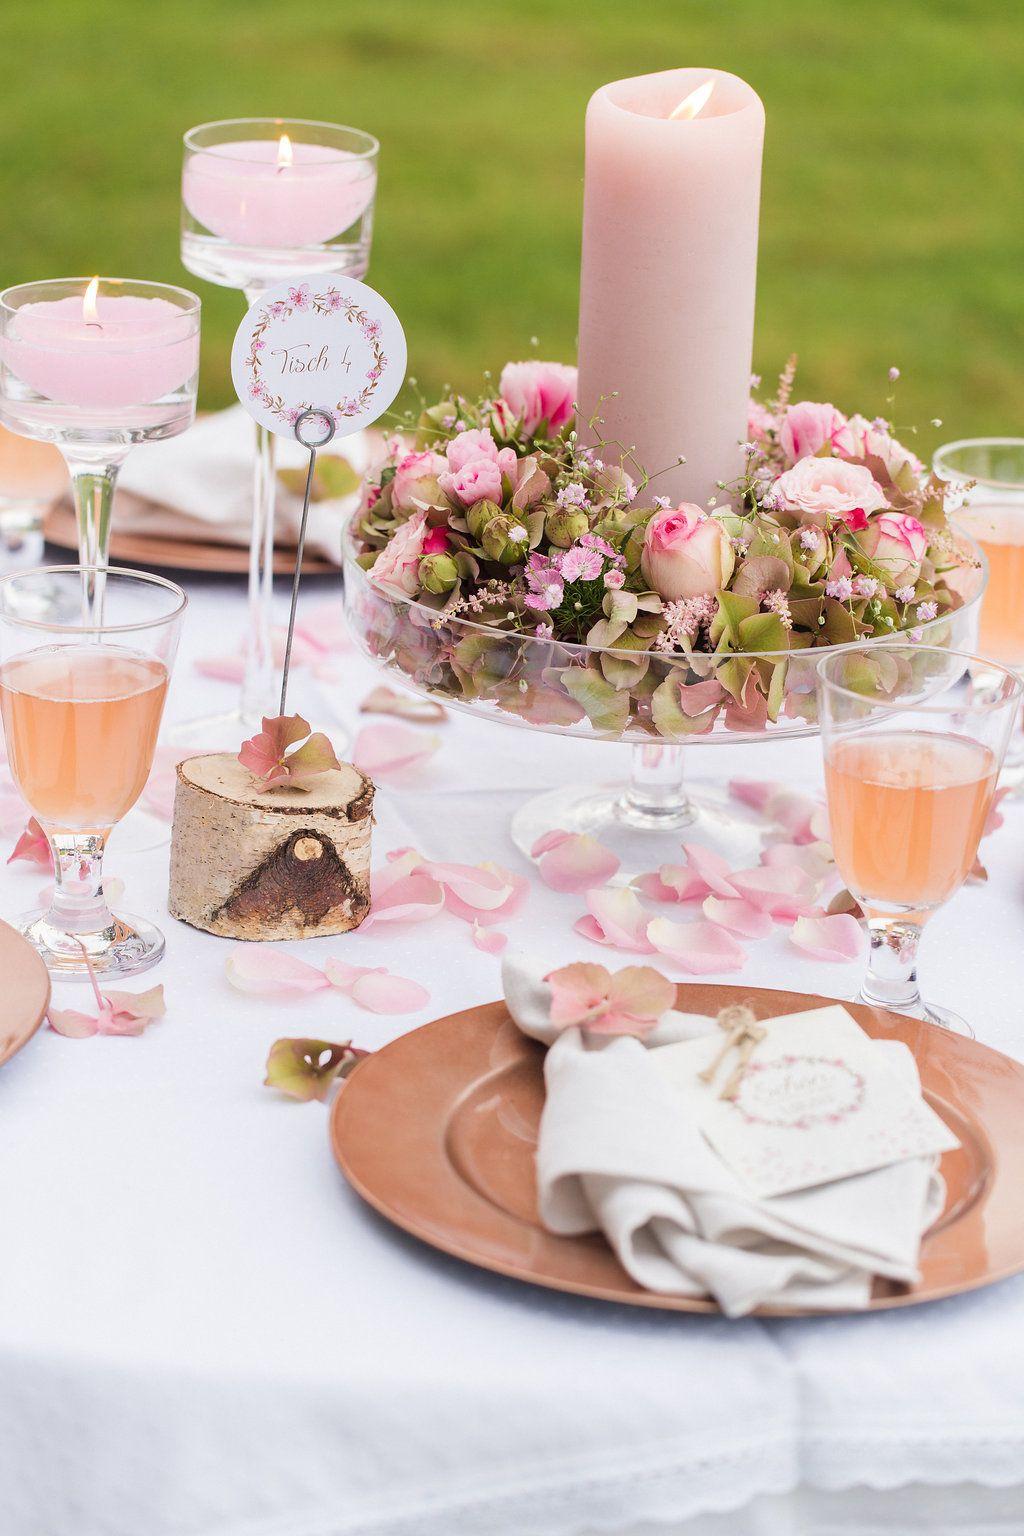 10 Ideen fr eure Tischdekoration zur Hochzeit  Teil 2